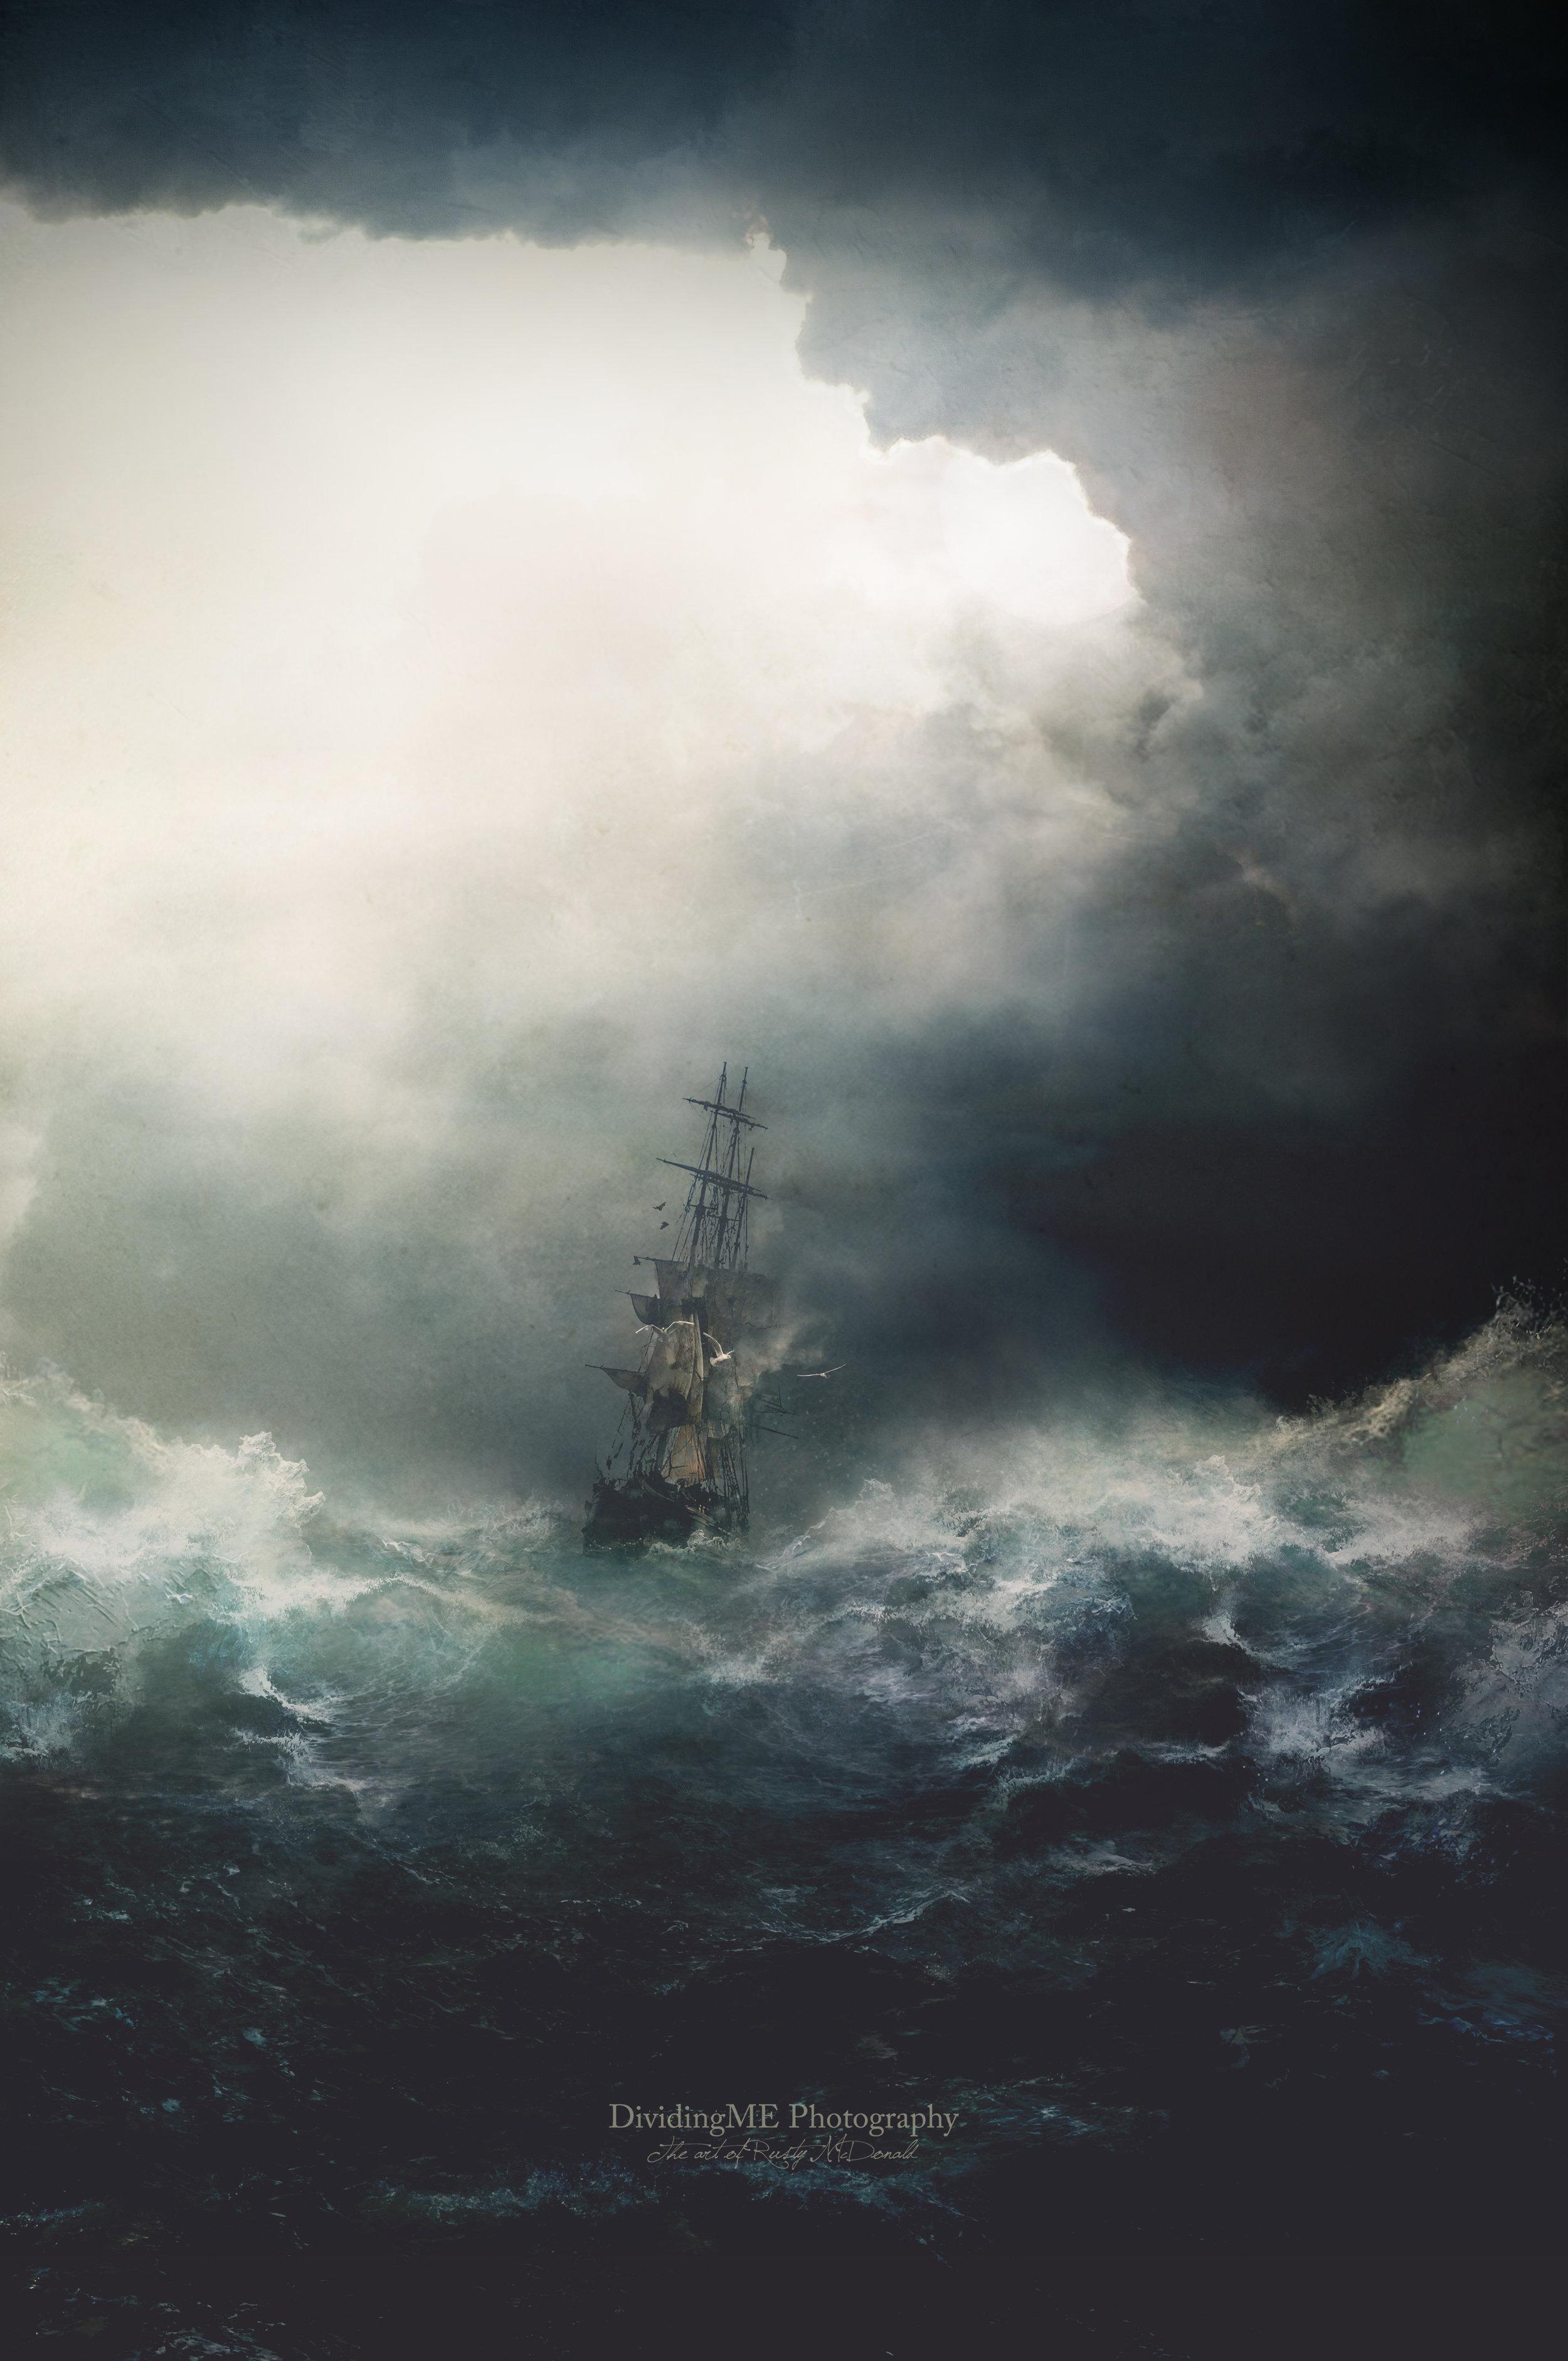 voyage of the Demeter©.jpg